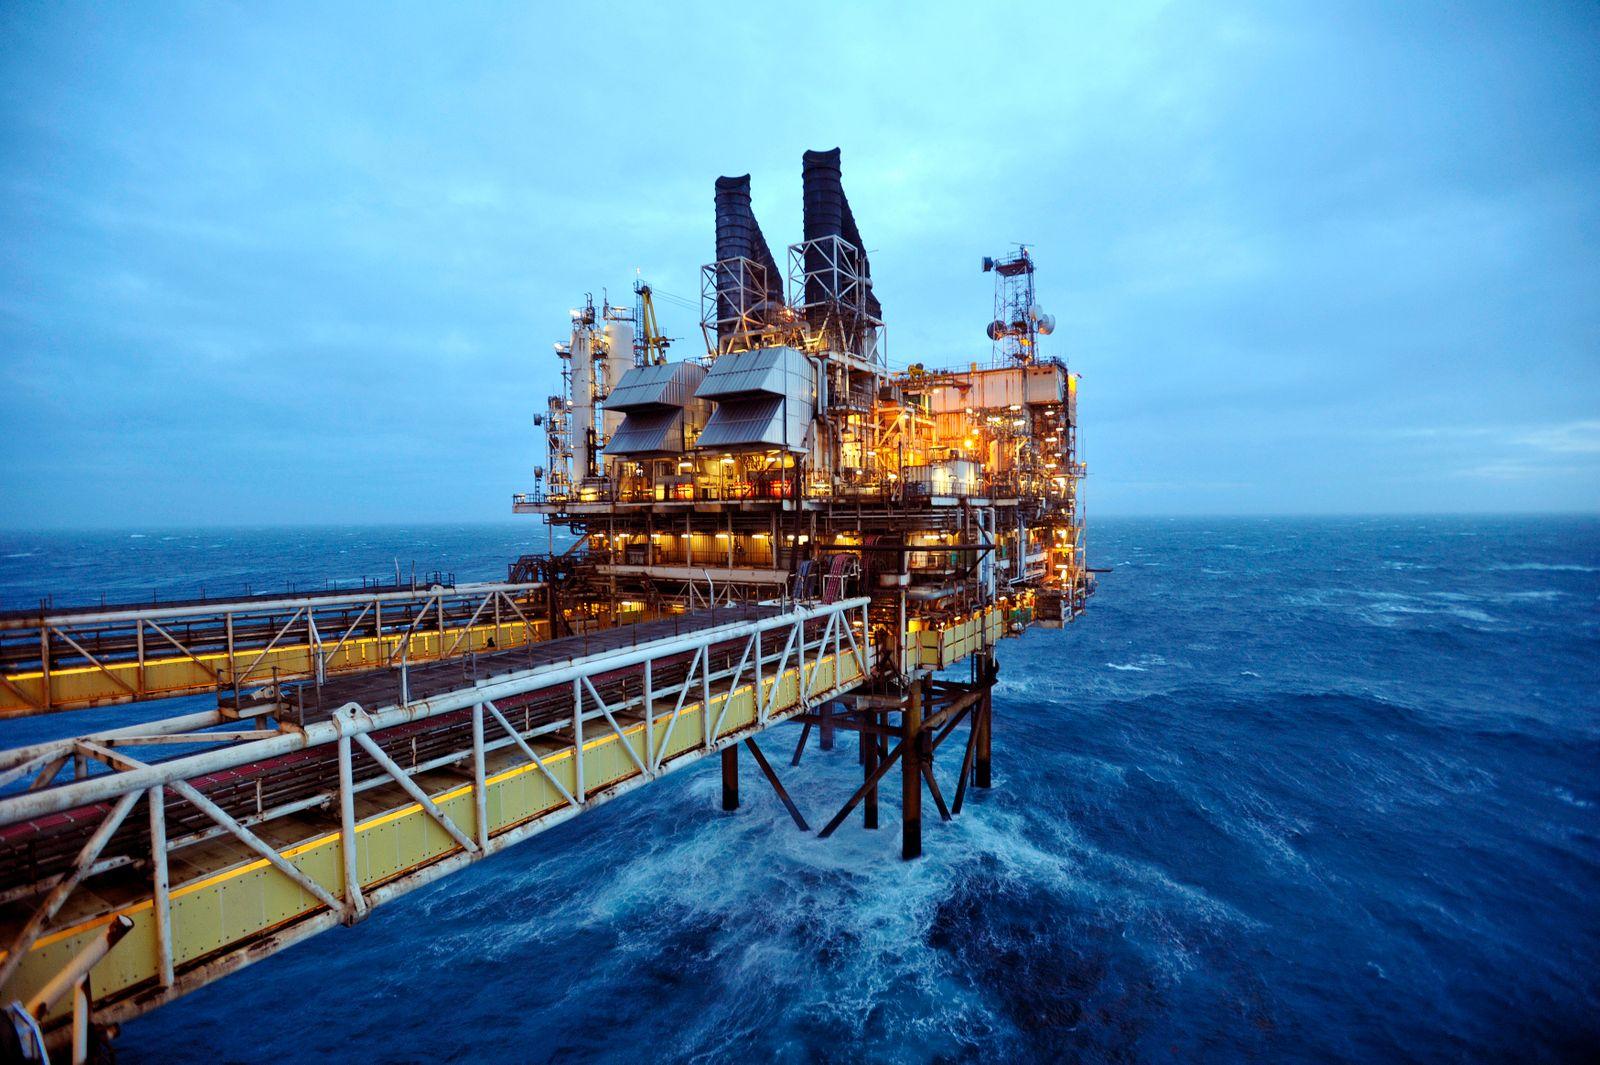 Schottland / Aberdeen / Ölplattform (Kopie)